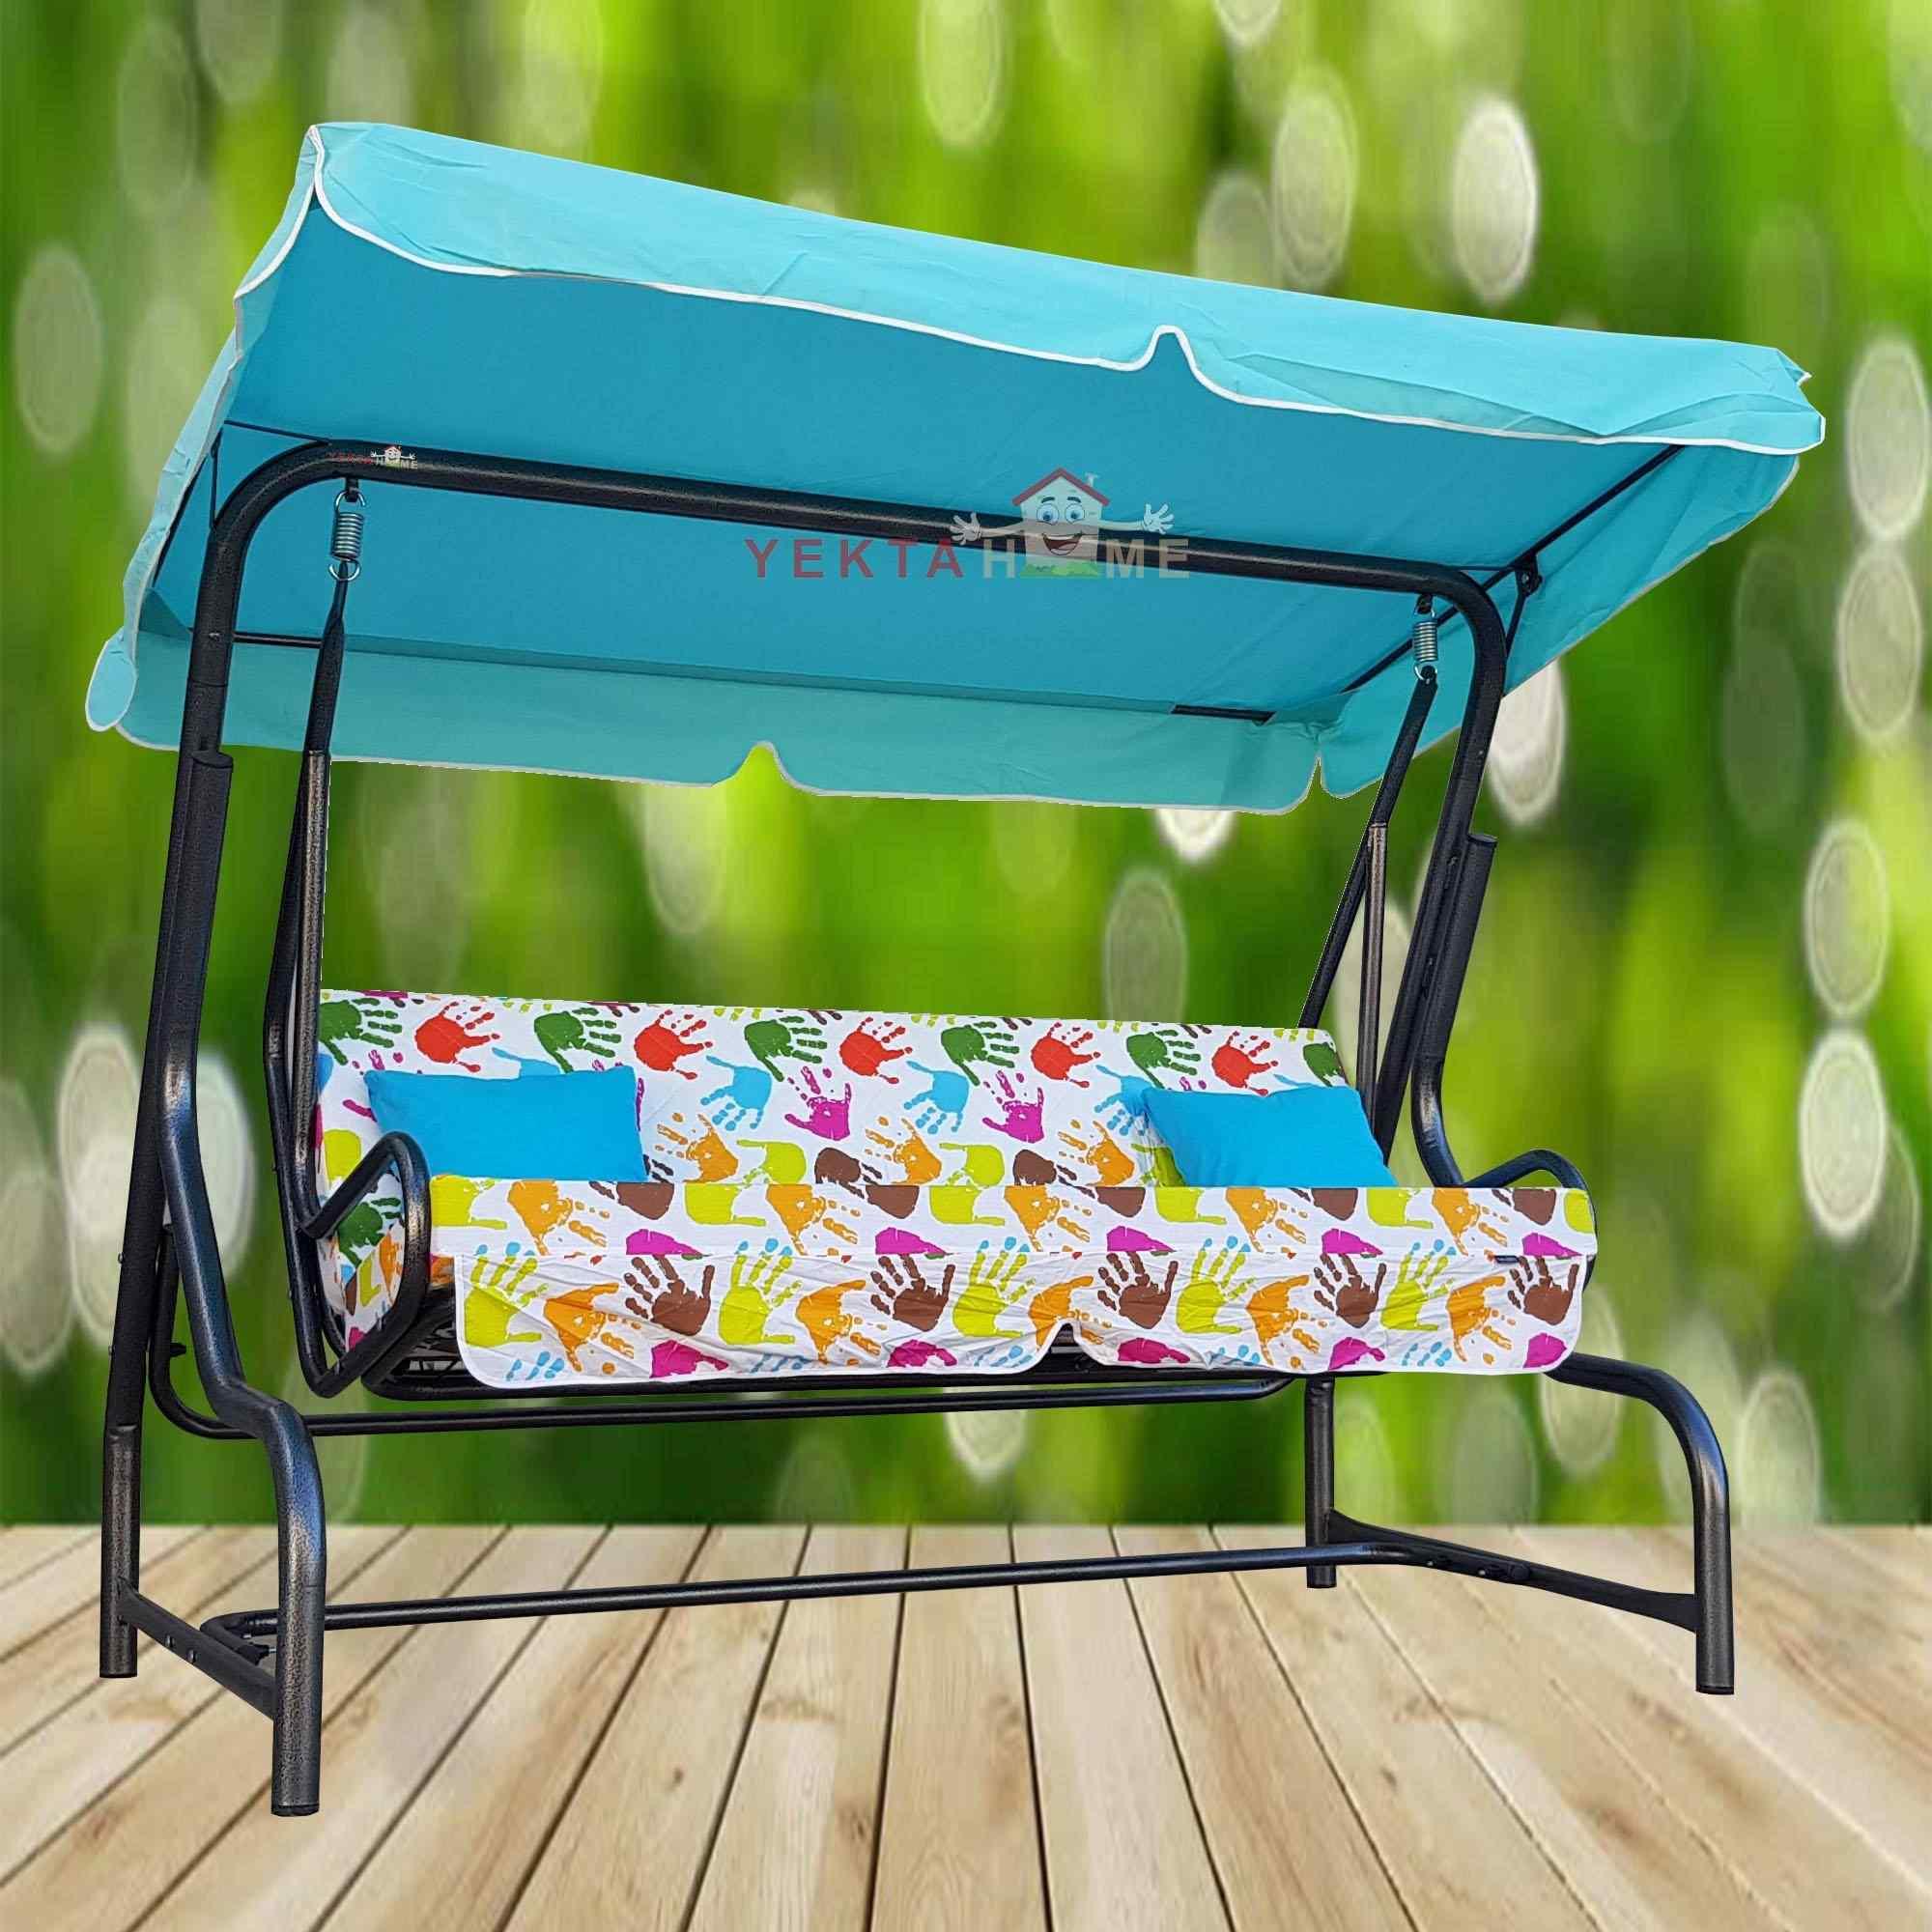 Yekta Elizi 3 Kişilik Bahçe Salıncağı Balkon Teras Salıncak 200 cm